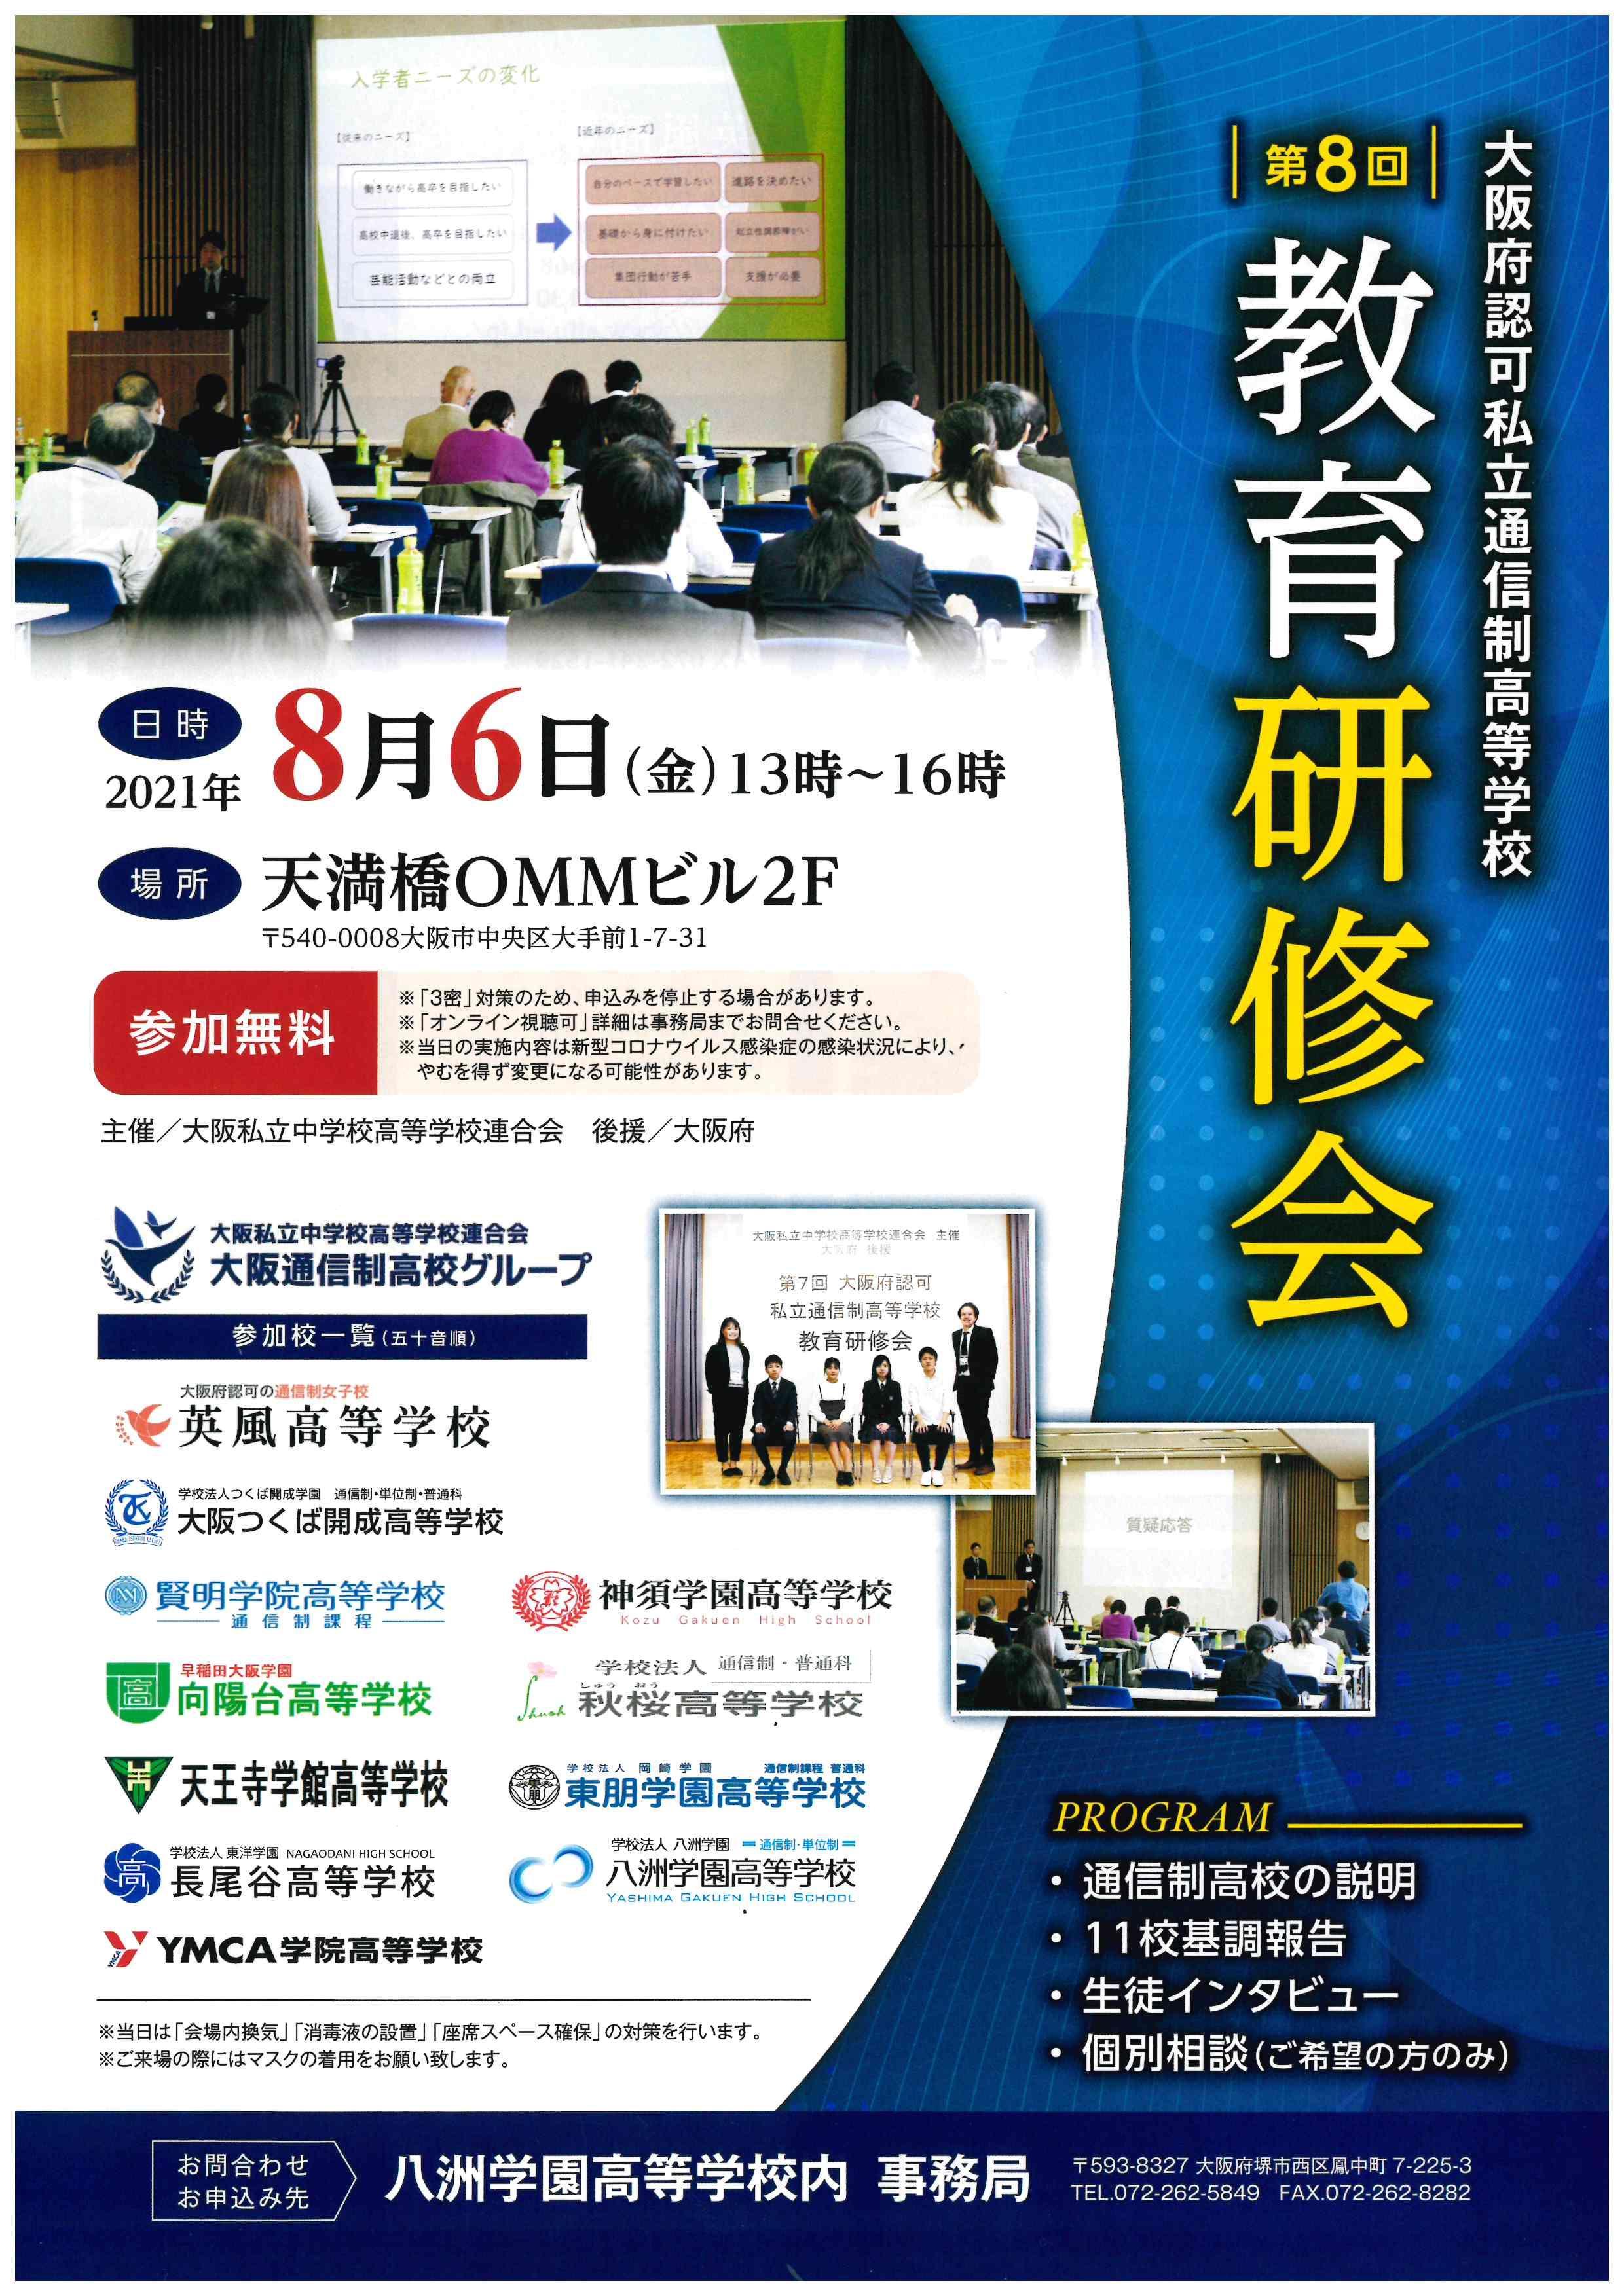 大阪府認可通信制高校グループのイベントについて